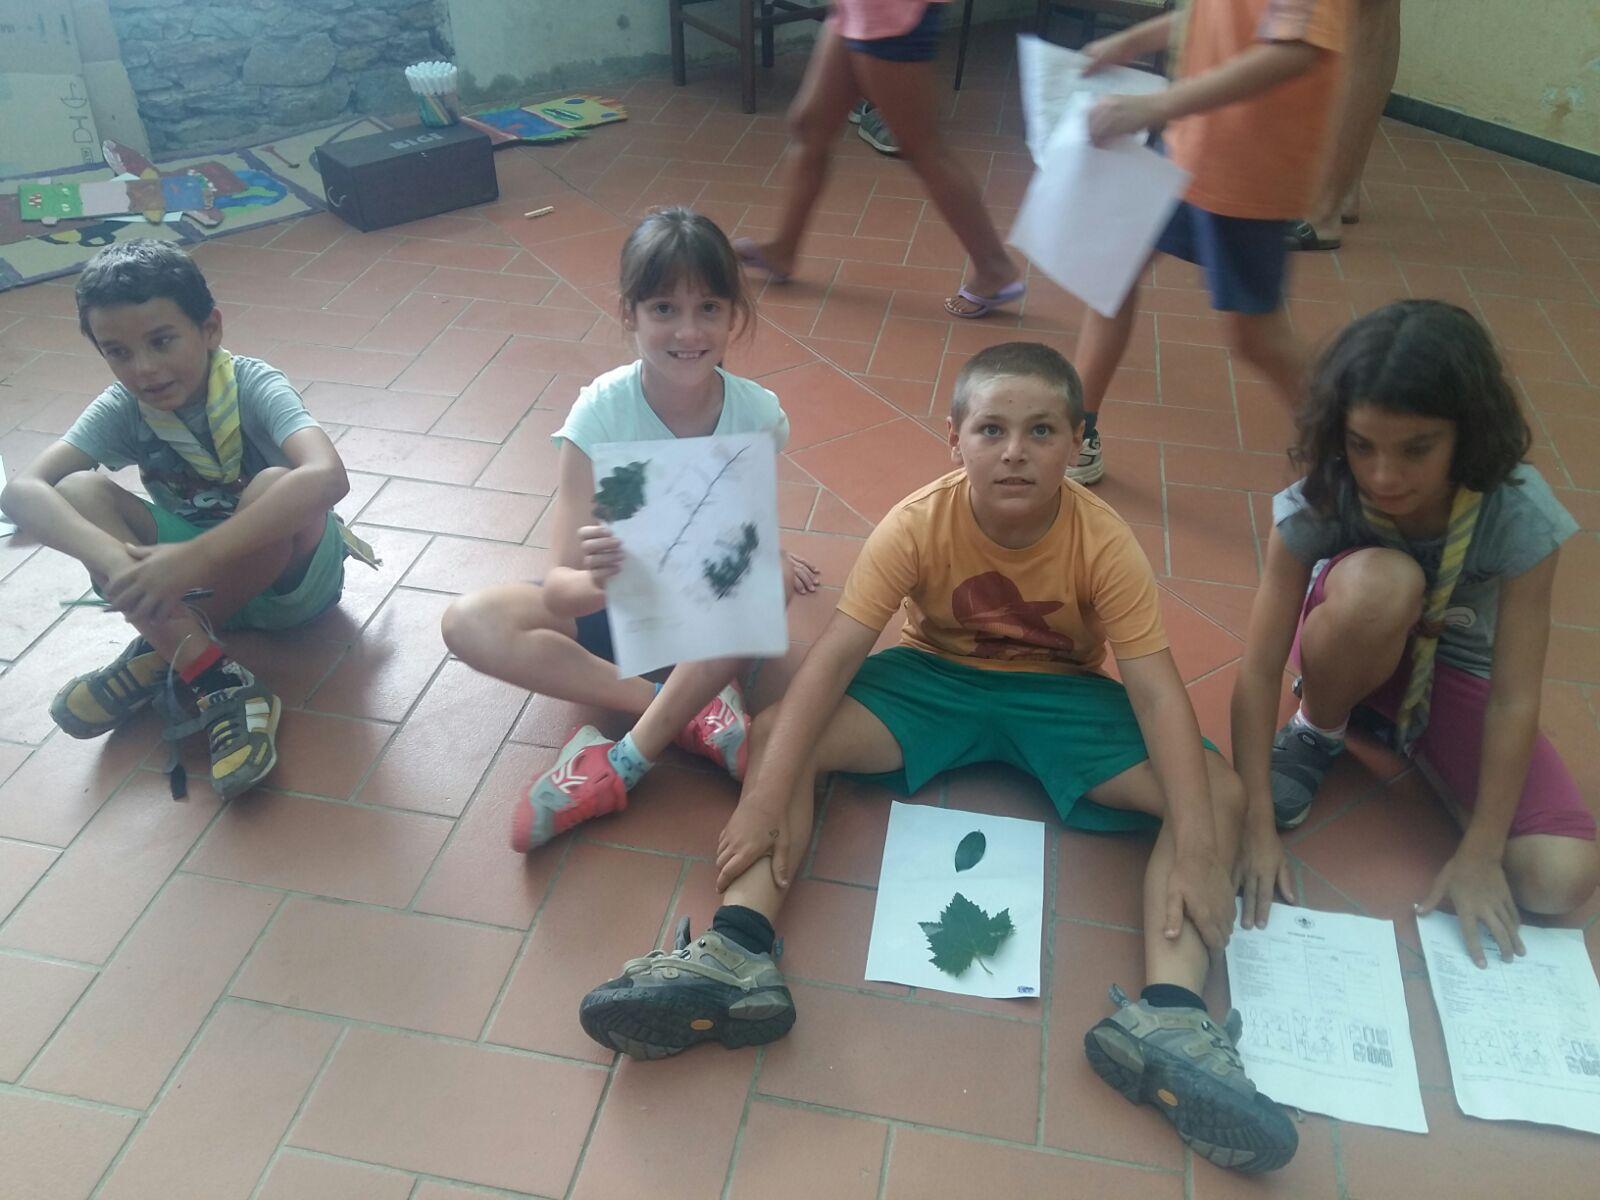 Vacanzedibranco_5giornata (12)